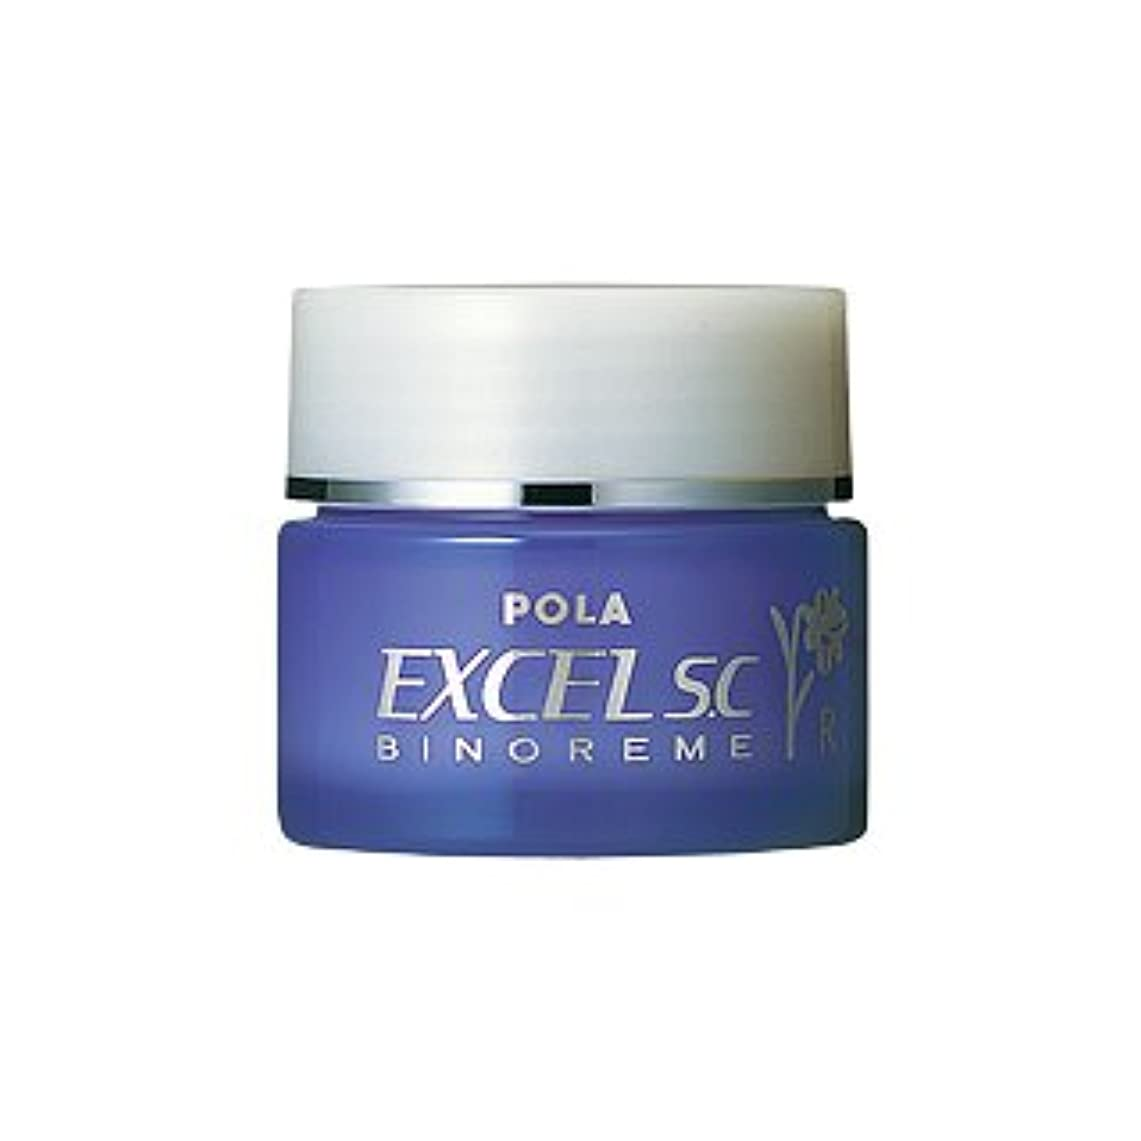 サロン理解する悪性POLA ポーラ エクセル S.C ビノレーム R(しっとり) 30g